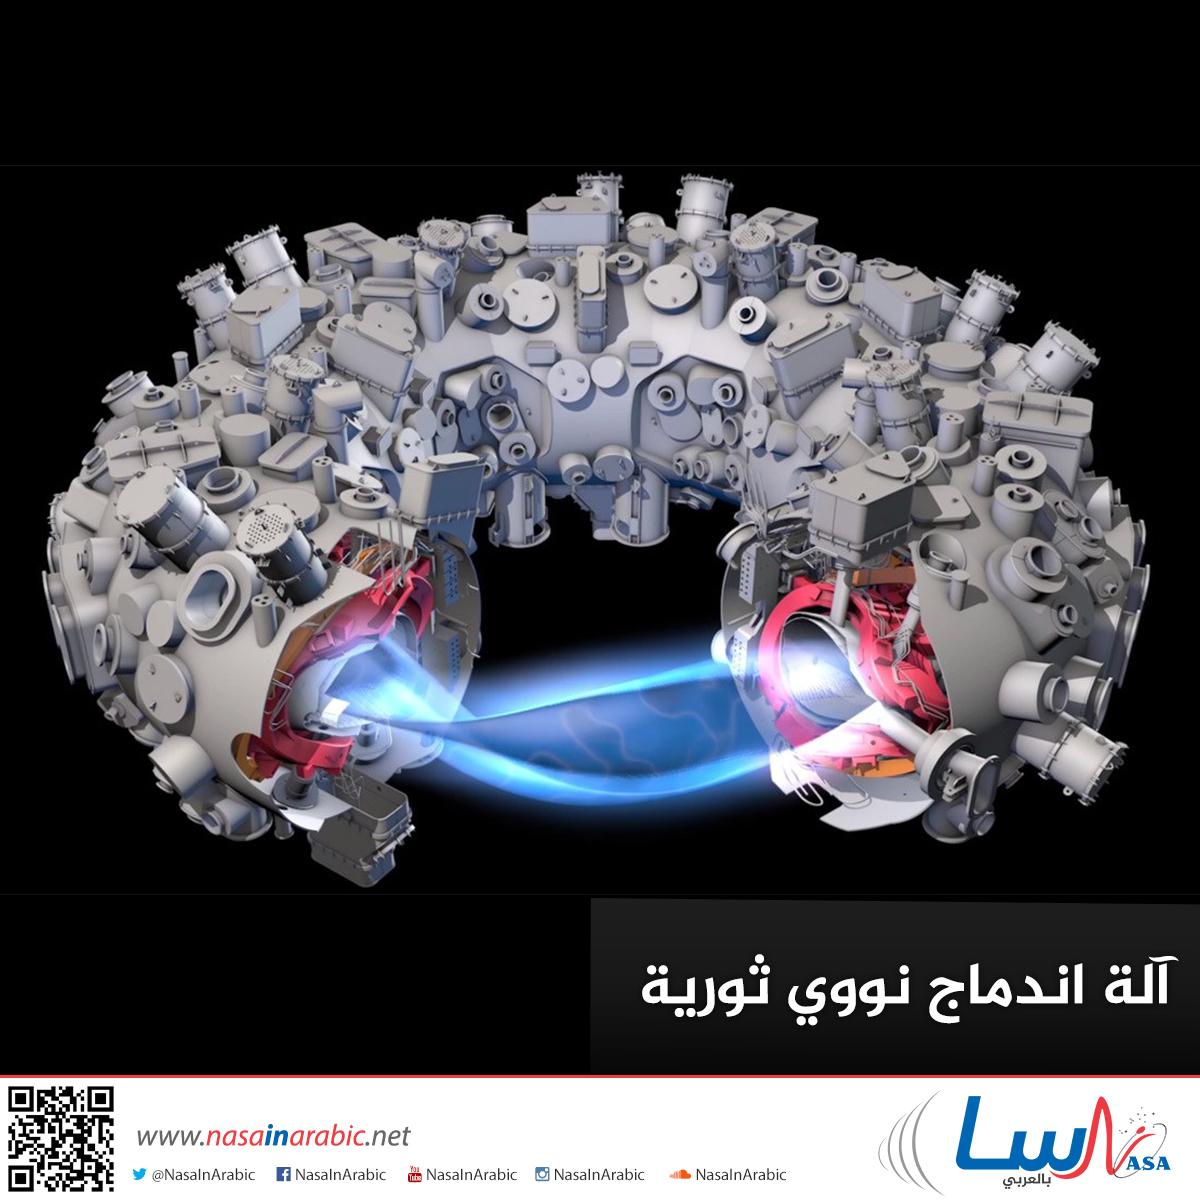 آلة اندماج نووي ثورية